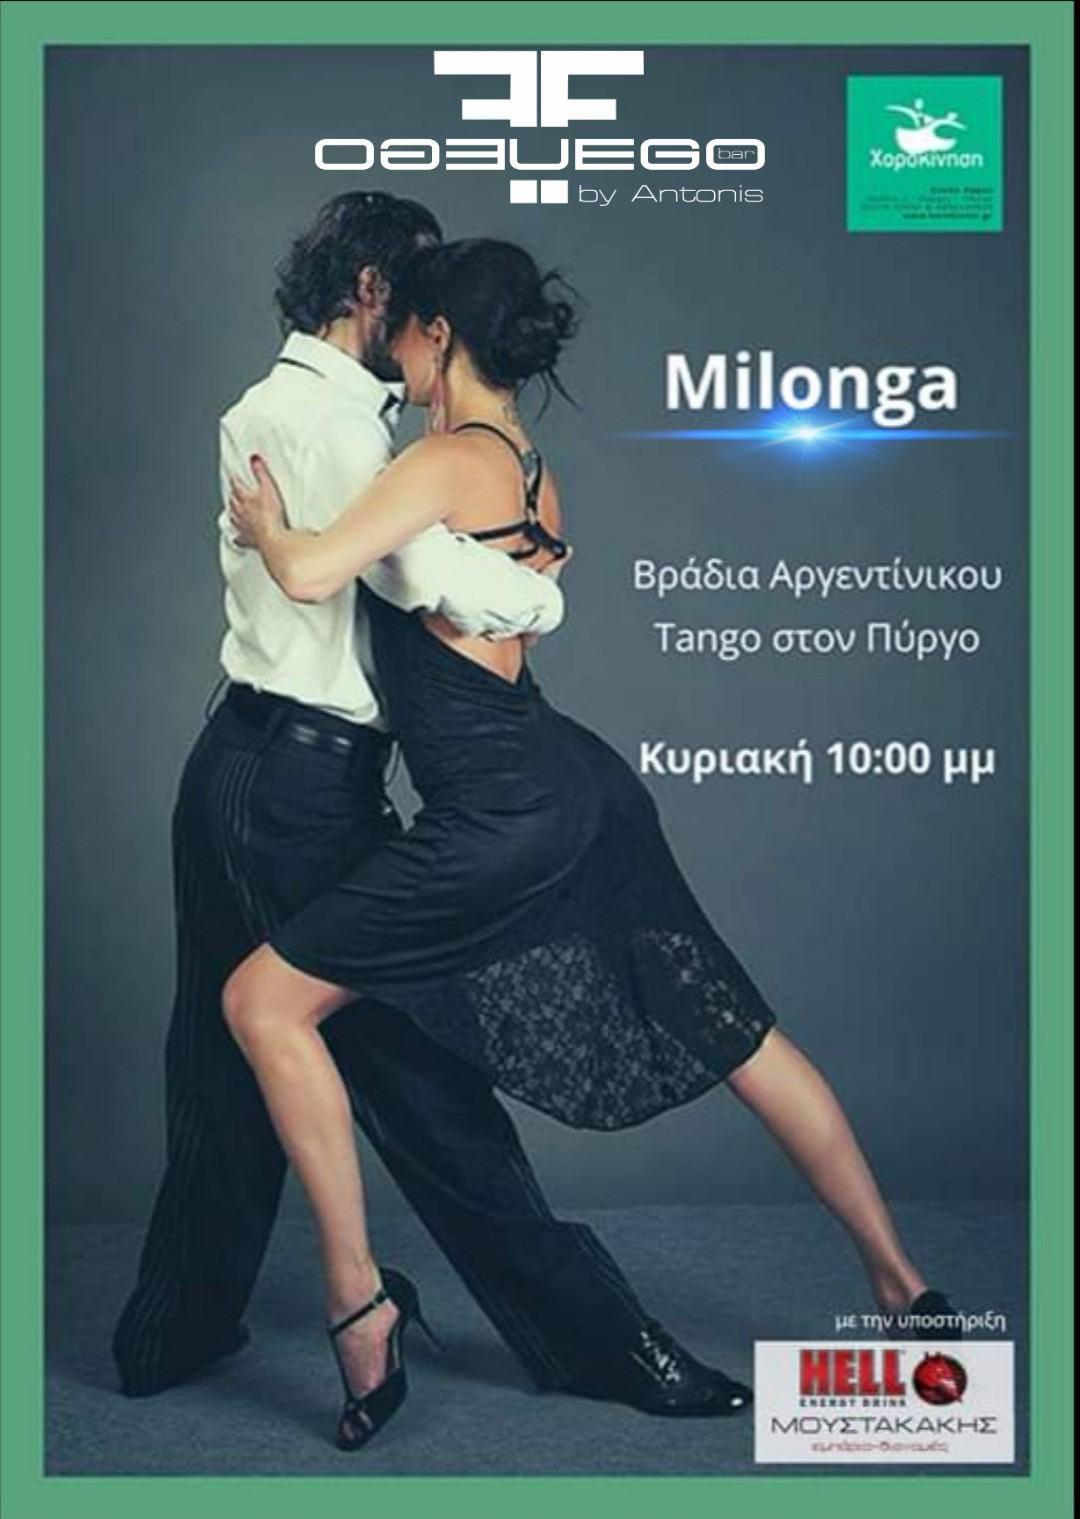 Βράδια Αργεντίνικου Tango